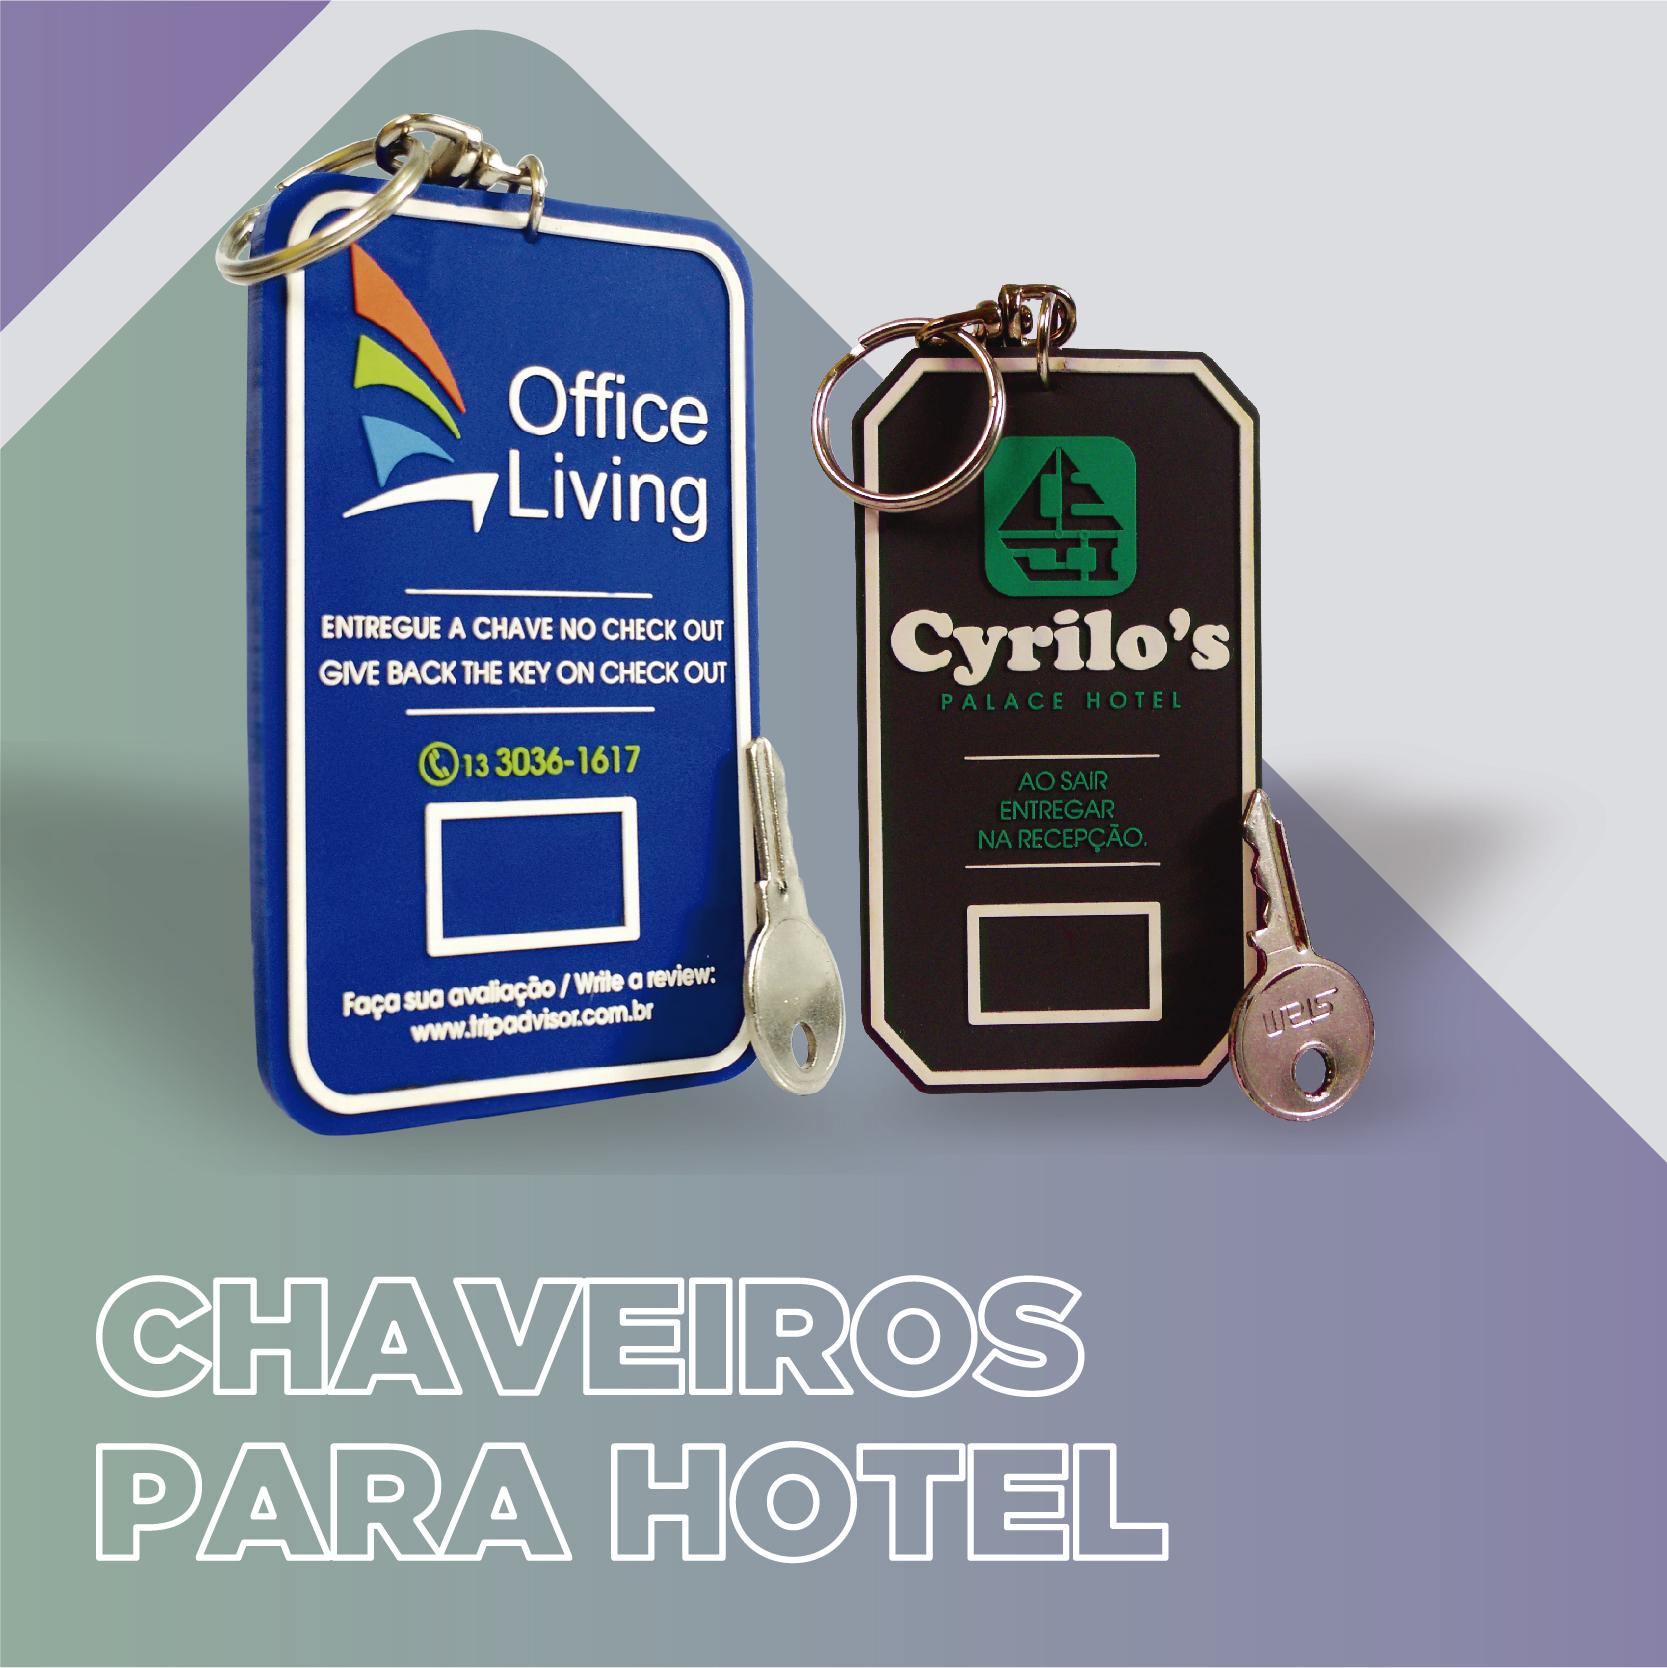 Chaveiro de hotel personalizado com sua marca em relevo e formato especial